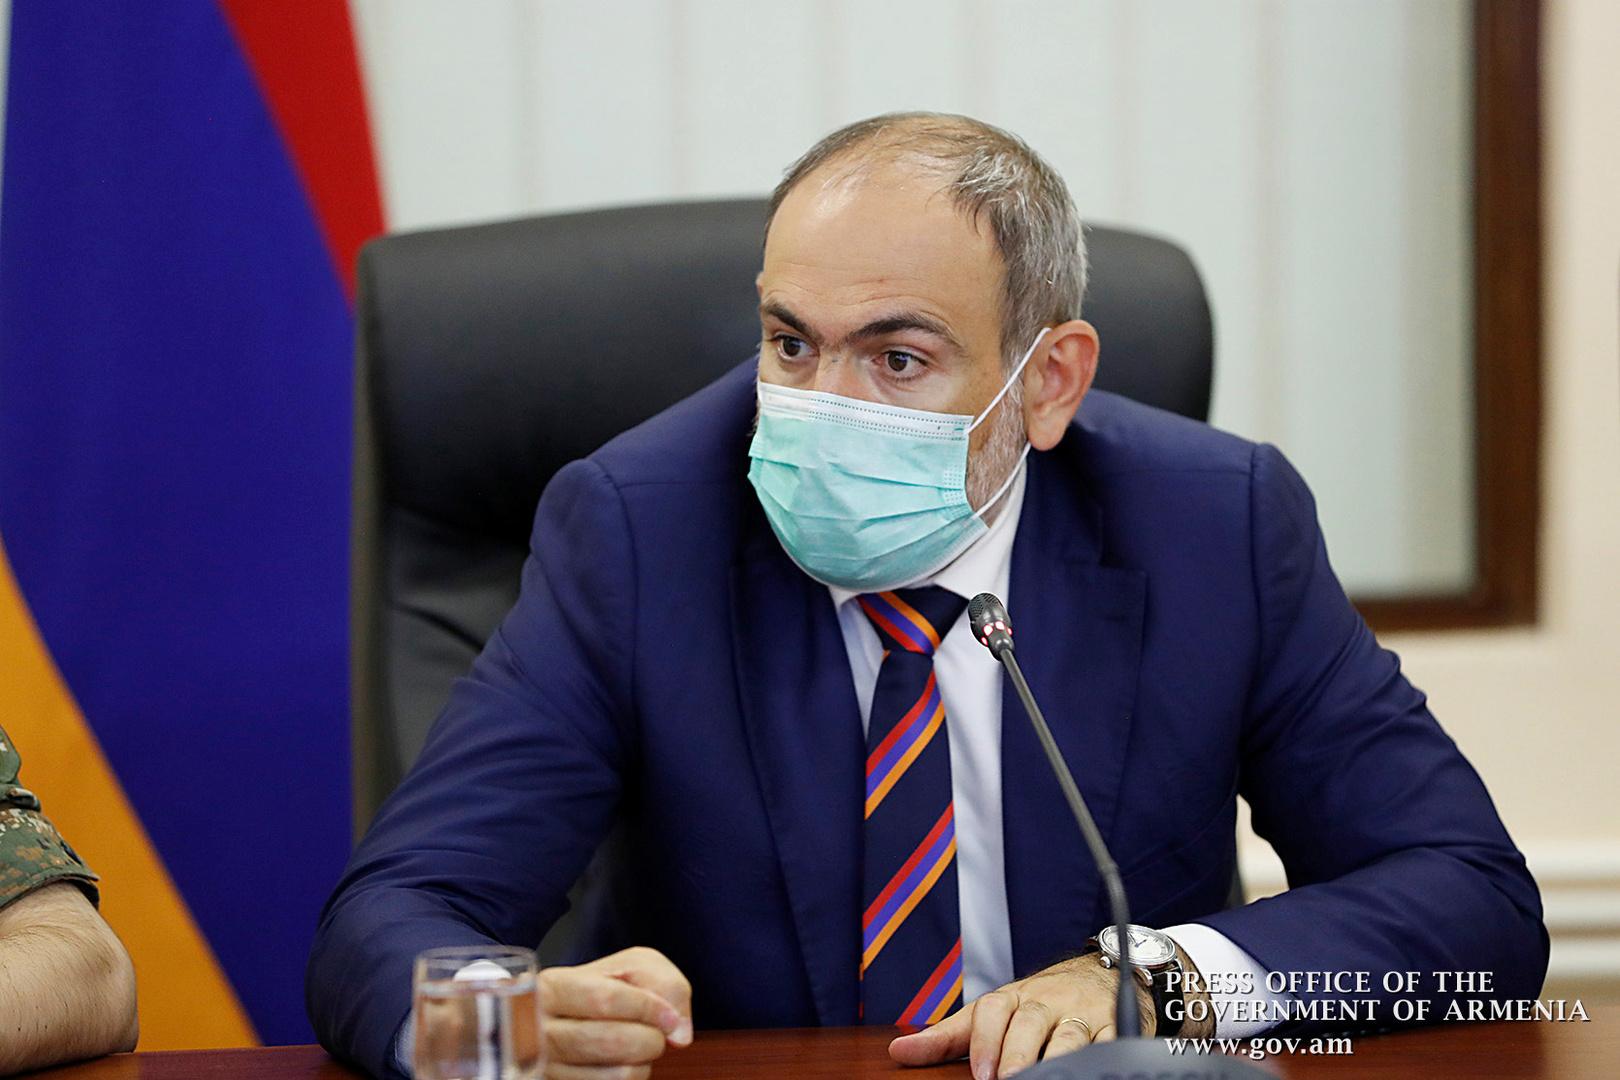 رئيس وزراء أرمينيا يعقد جلسة طارئة لبحث توجيه